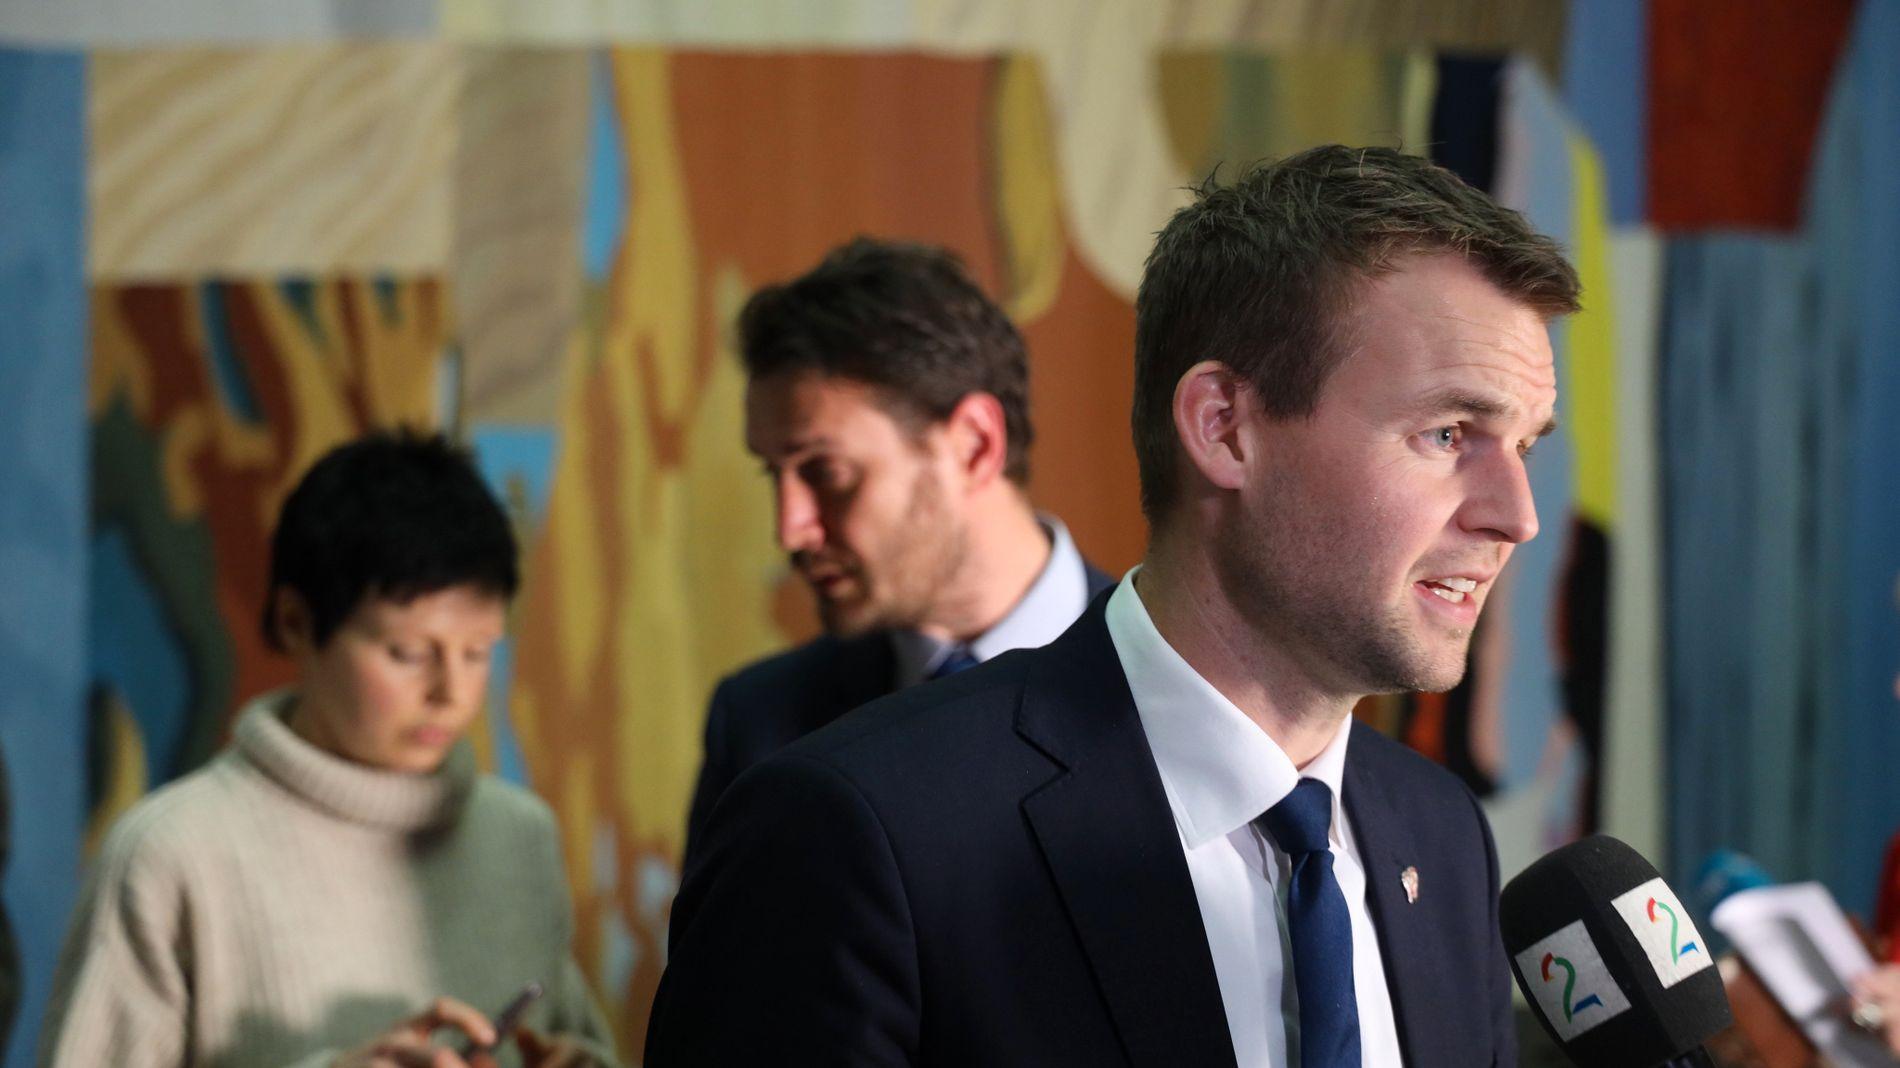 – VELDIG SYND: KrF fikk tirsdag gjennomslag for å avskaffe 350-kronersgrensen i budsjettforhandlingene, men det skjer først i 2020. Kjell Ingolf Ropstad kaller det et kompromiss, men elektronikktopp tror mange aktører vil bli skadelidende i mellomtiden.